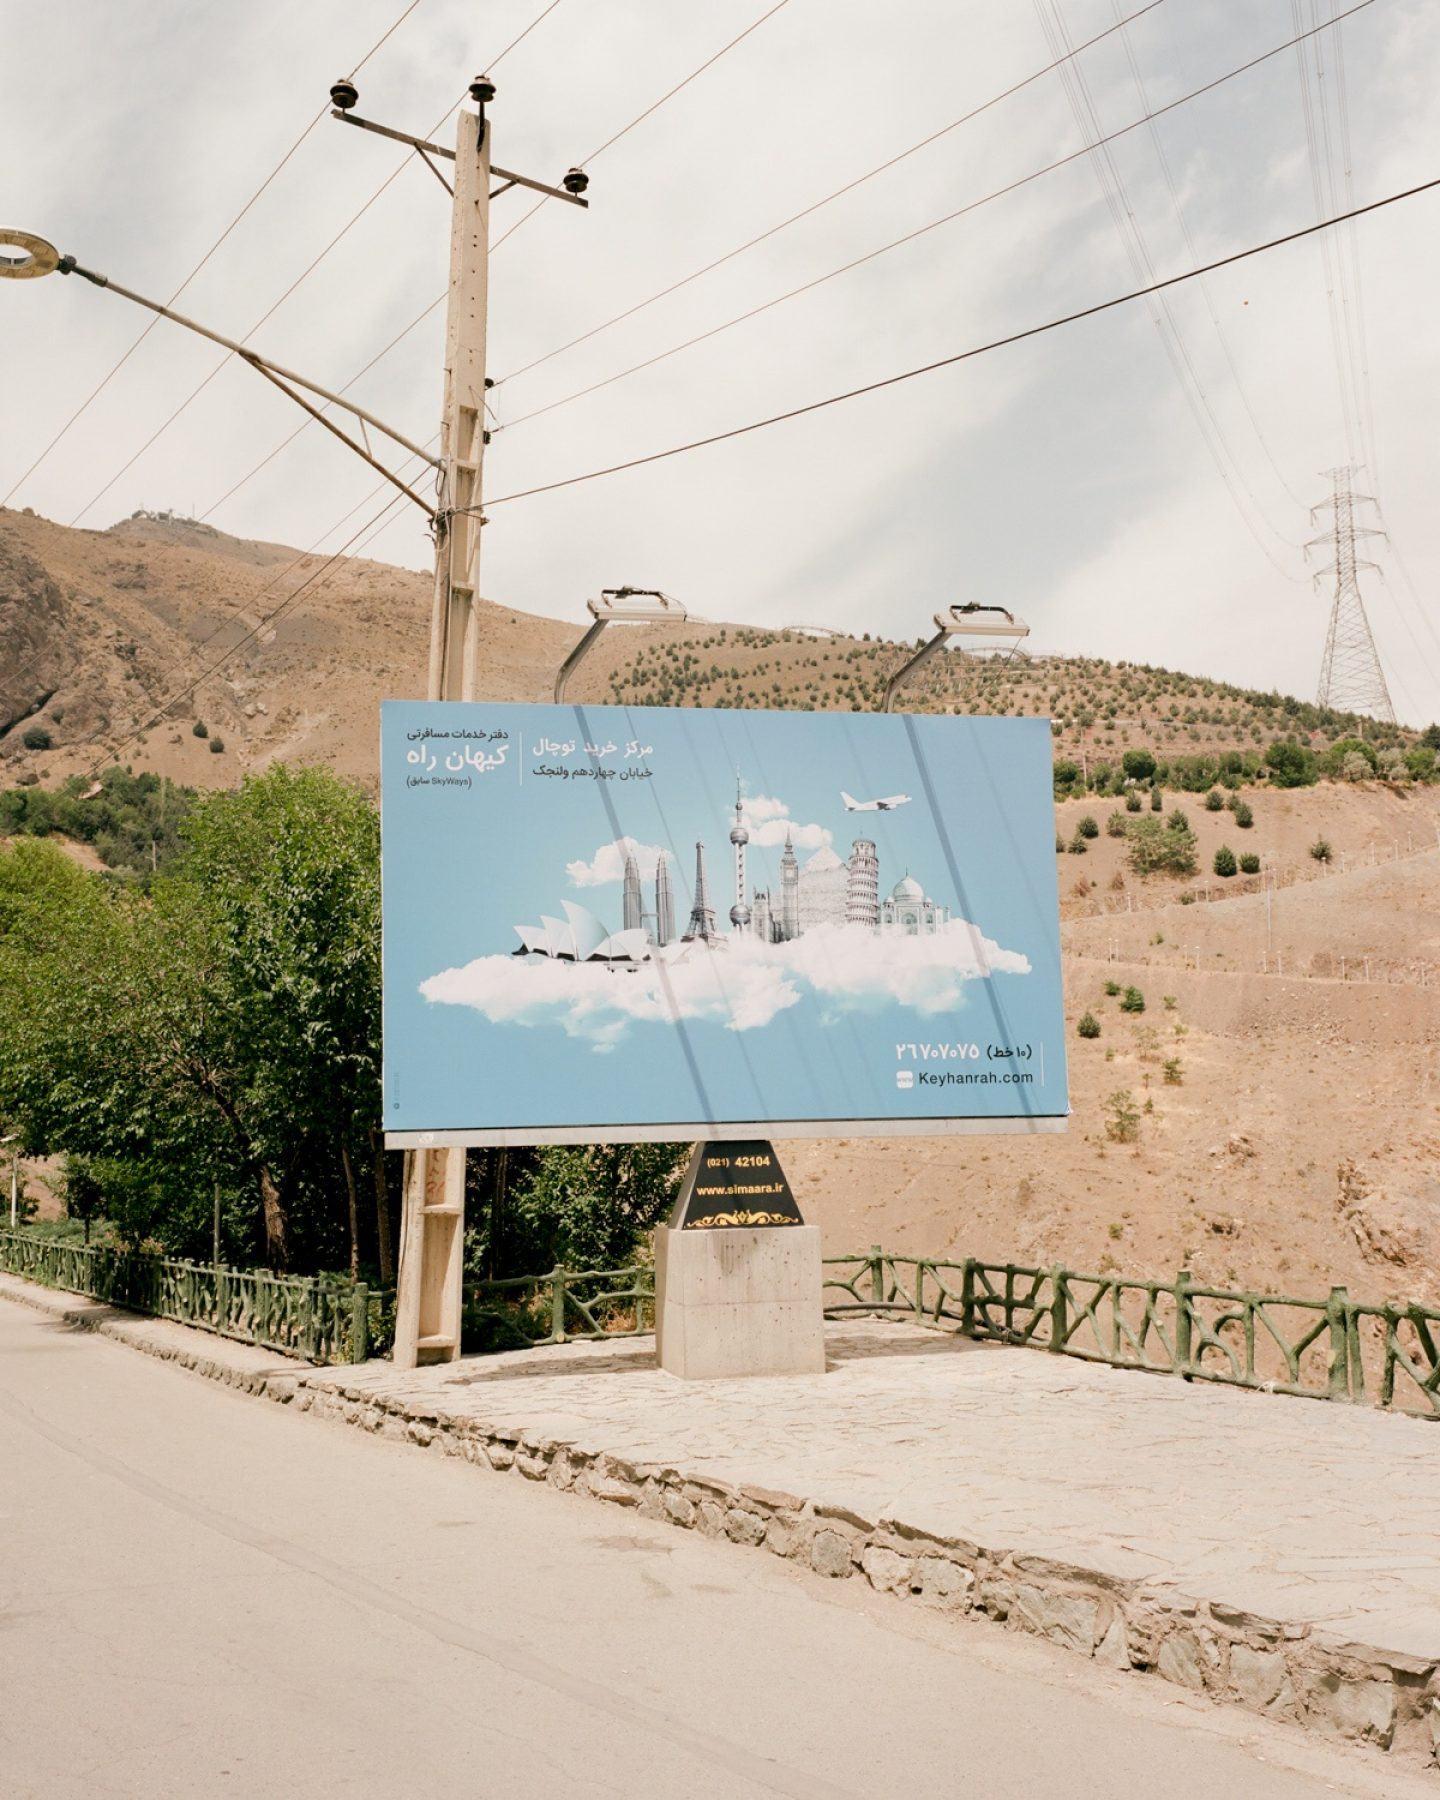 IGNANT-Photography-Matthieu-Litt-Through-The-Walls-13